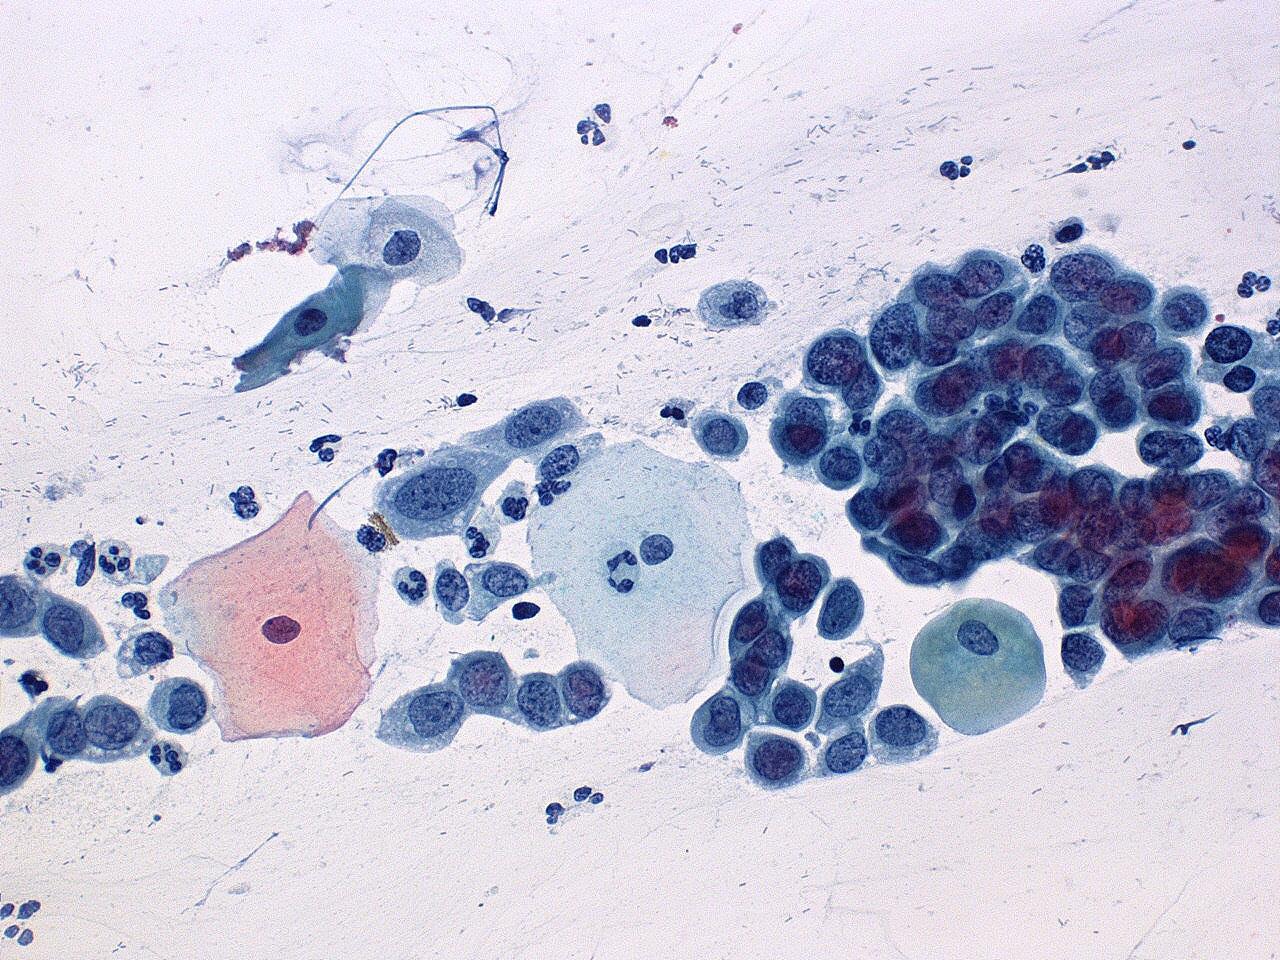 Obraz cytologiczny dysplazji wysokiego stopnia (CIN3, HSIL)